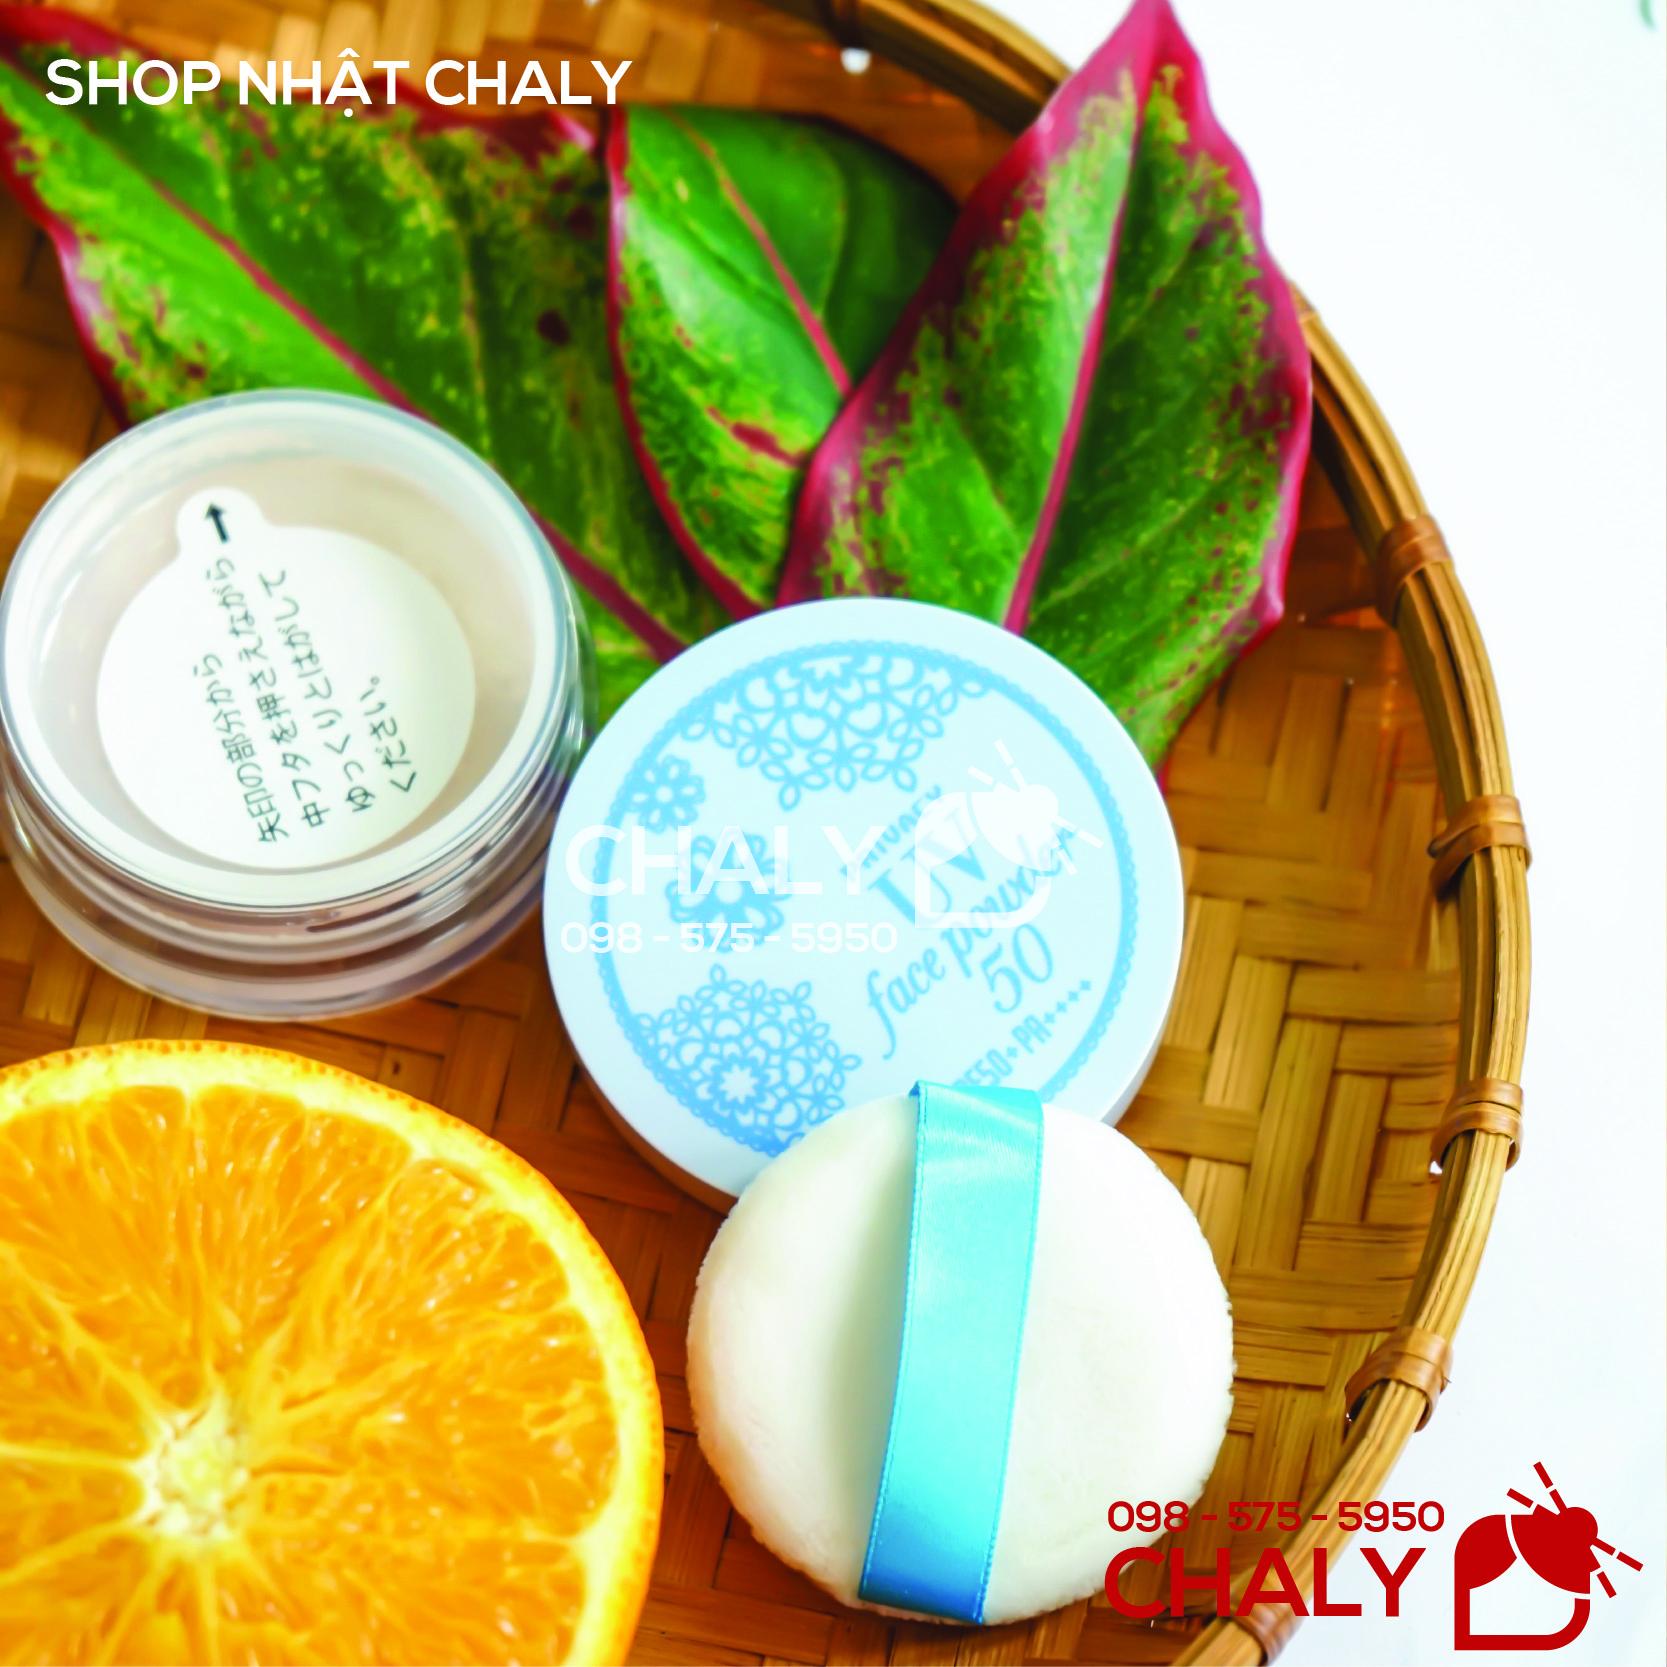 Phấn chống nắng nào tốt nhất Nhật Bản mà giá thành lại nhẹ nhàng phải chăng? Siêu phẩm Privacy UV face powder chắc chắn là sản phẩm mà bạn nên thử nghiệm ngay, đặc biệt là chị em da dầu mụn hoặc mẫn cảm